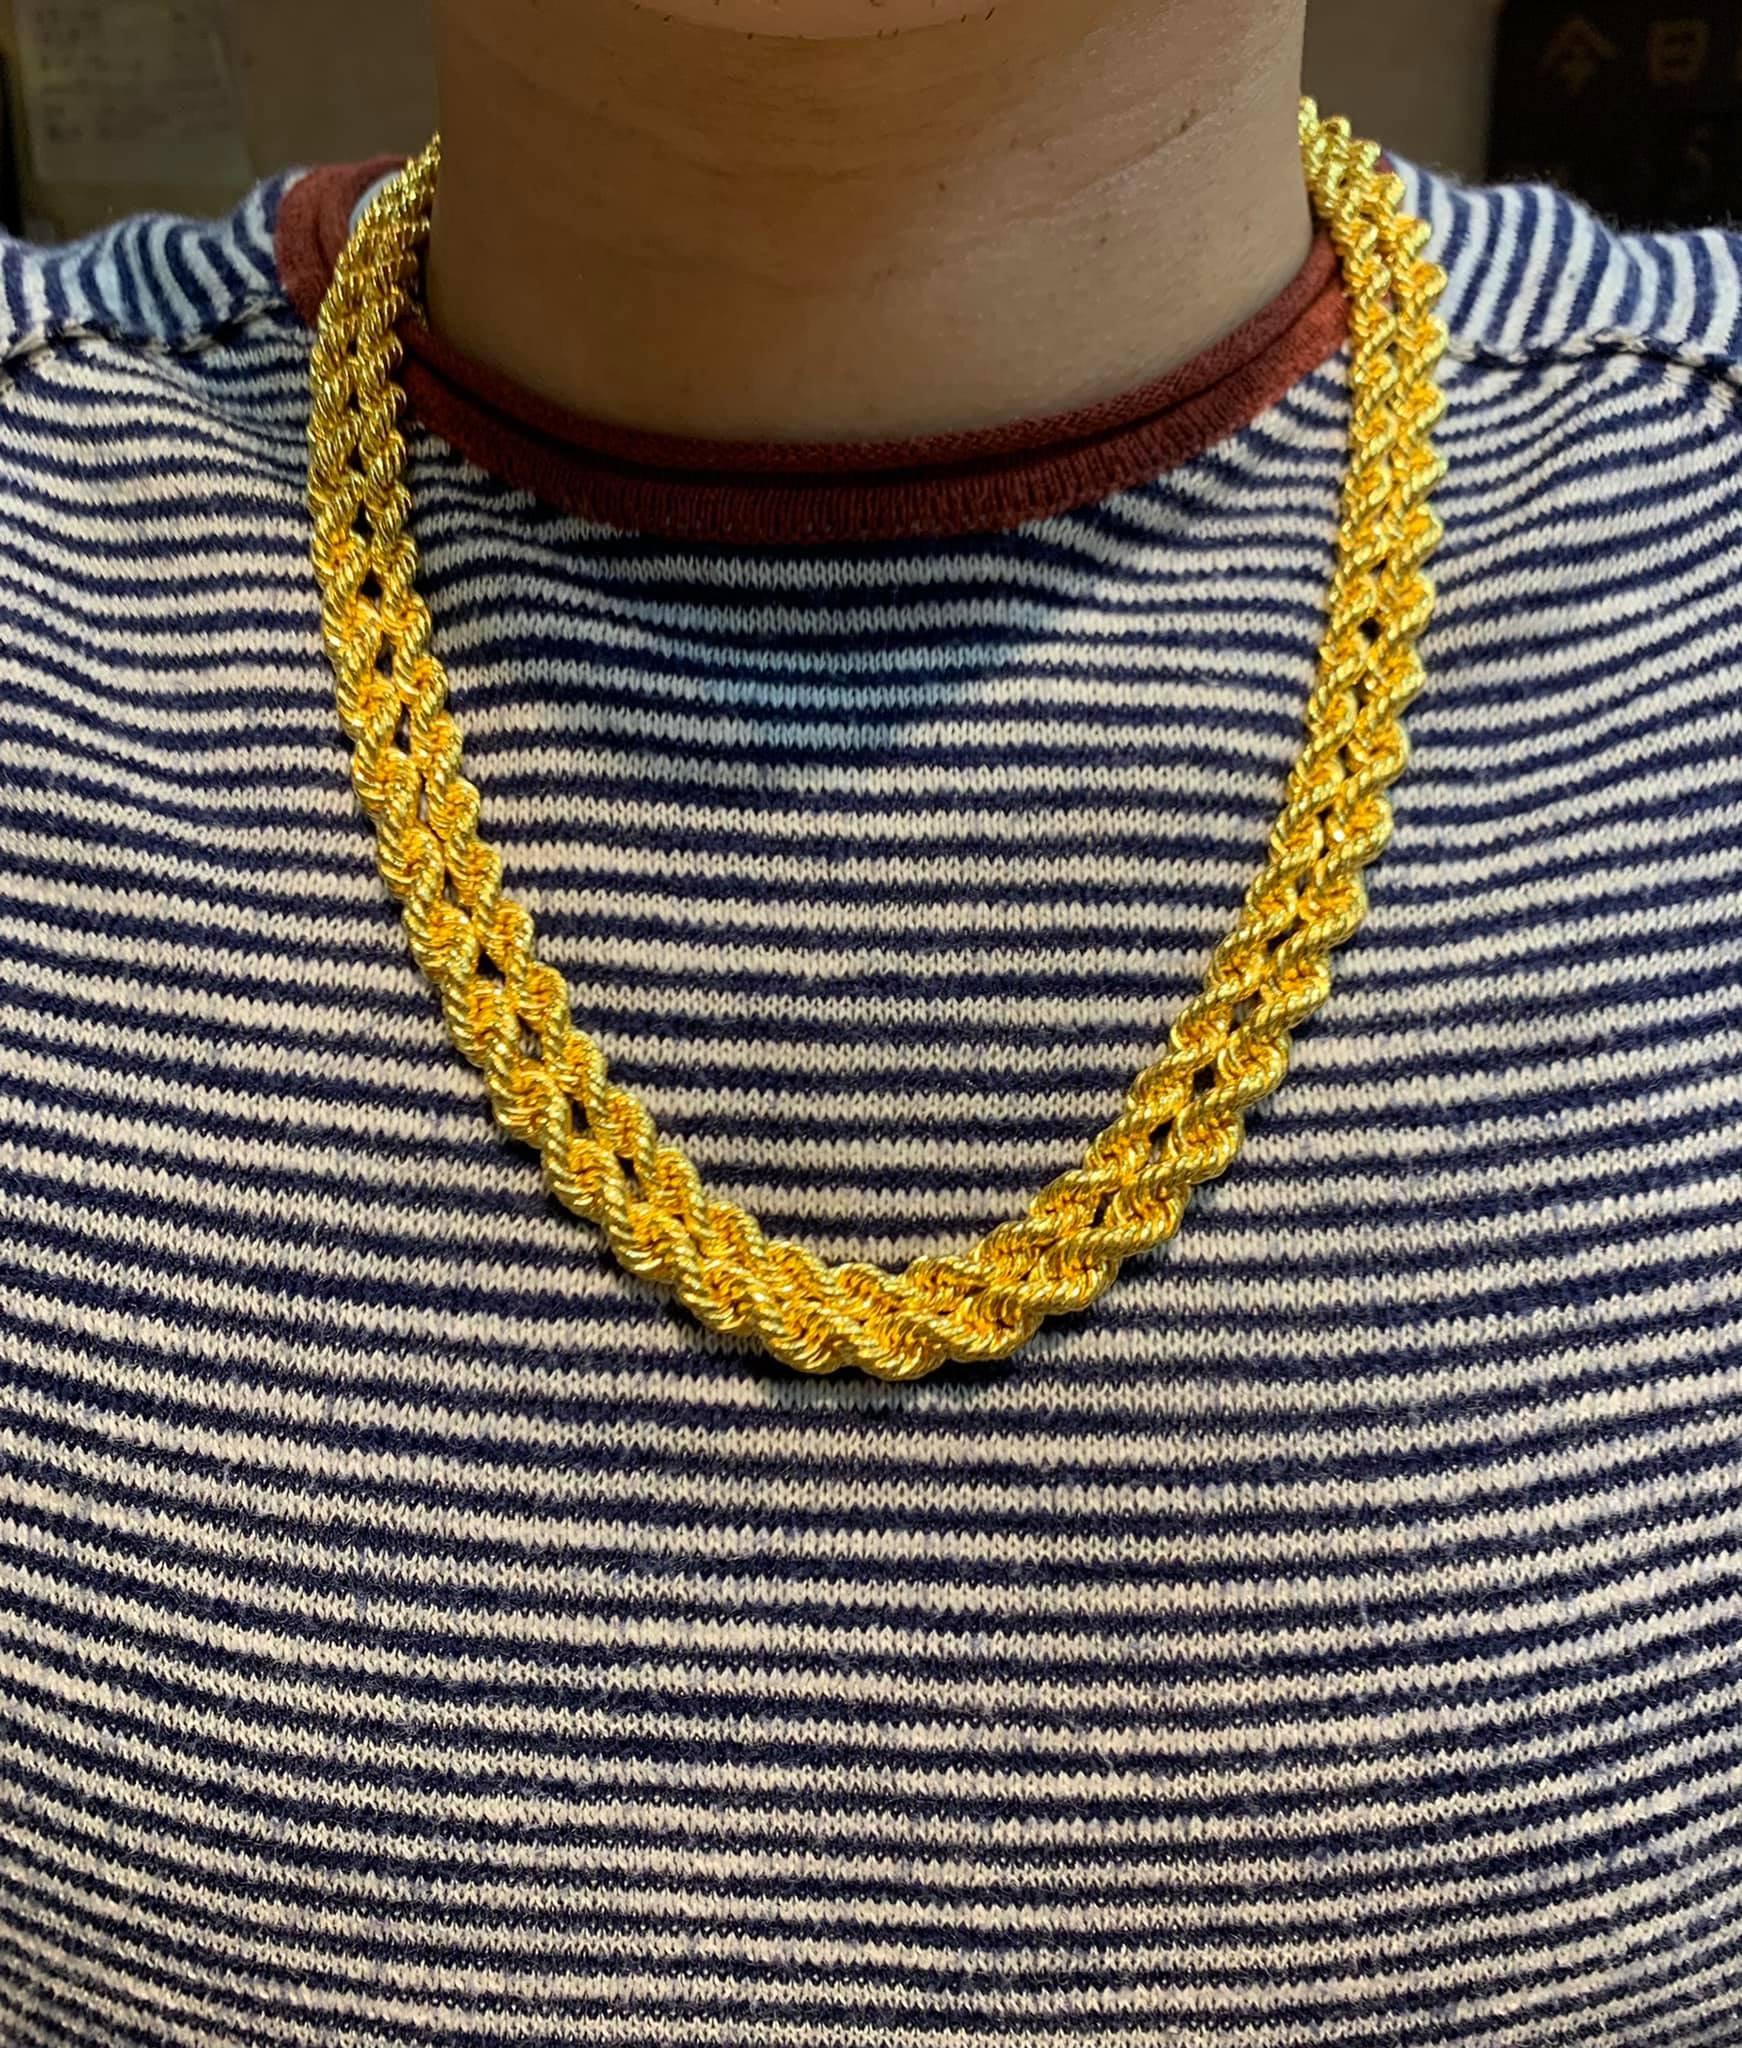 鈿合珠寶純黃金2兩麻花項鍊、3兩麻花項鍊到貨